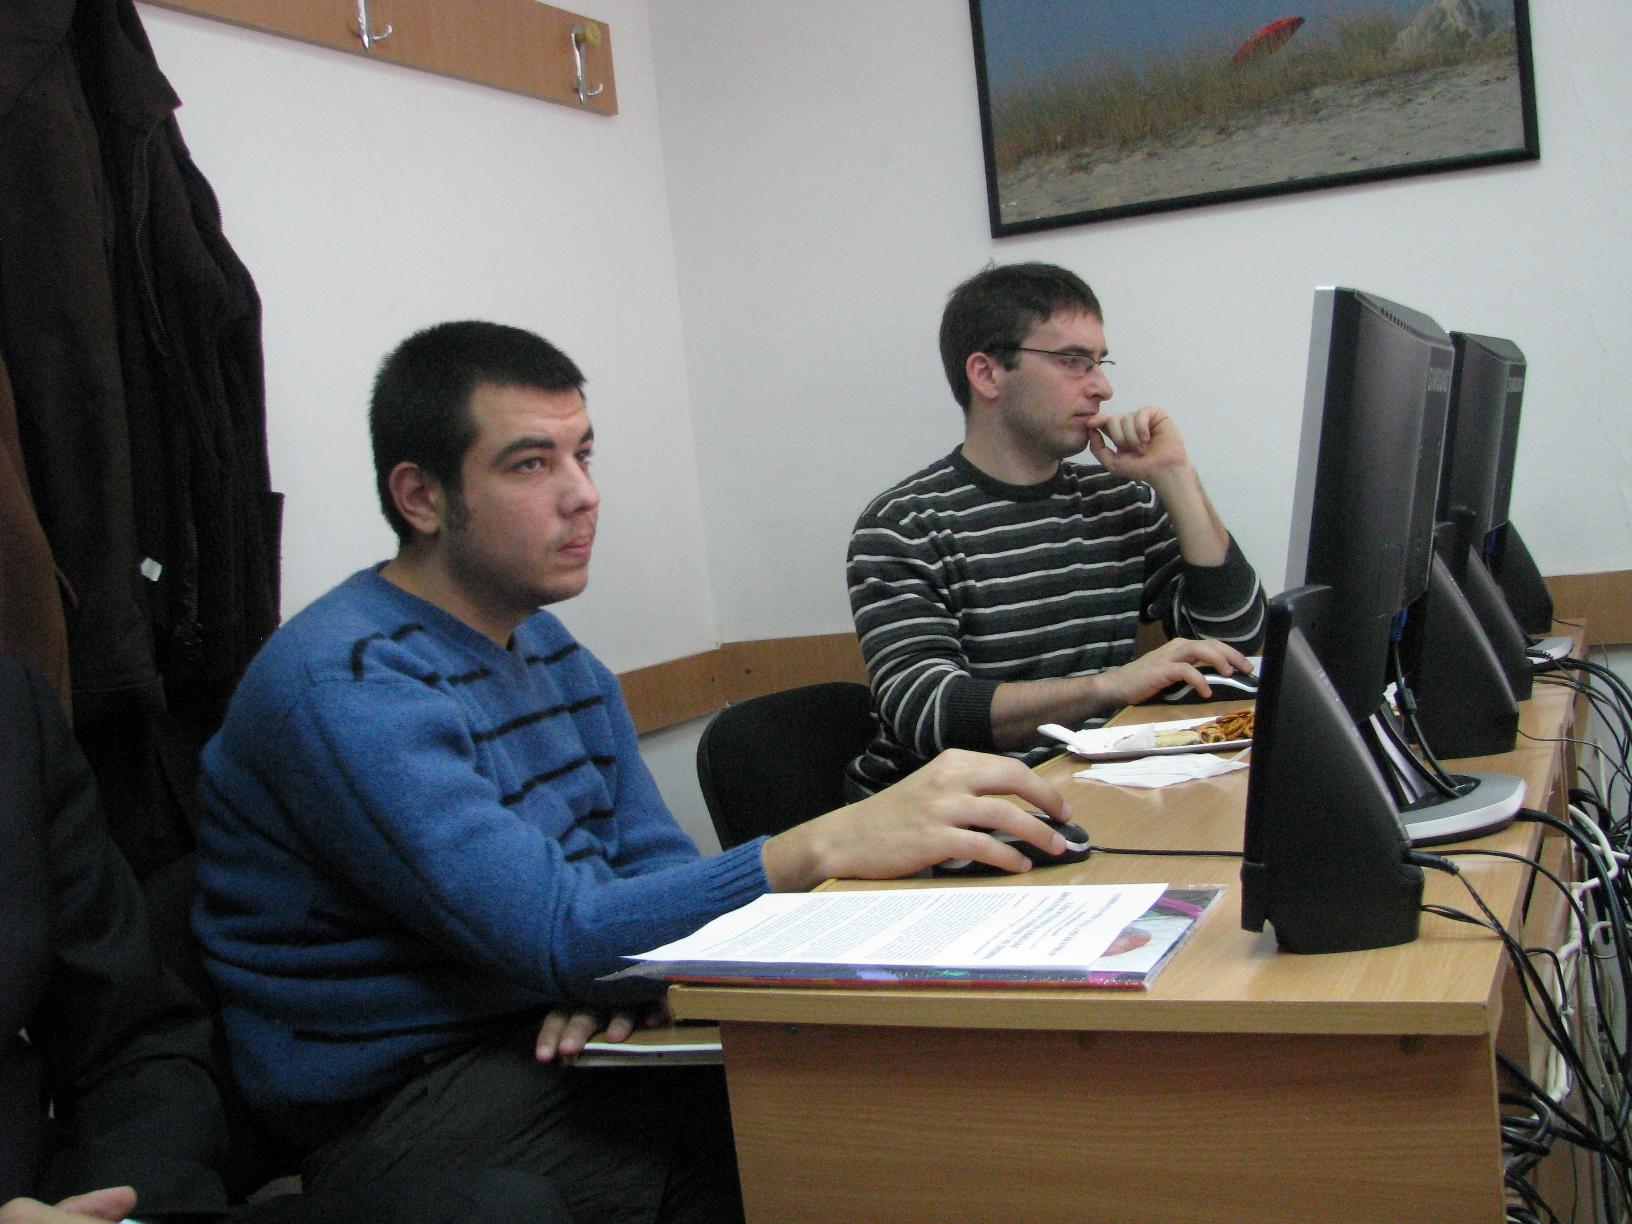 24-konstantin_i_aleksandar_prate_predavanje